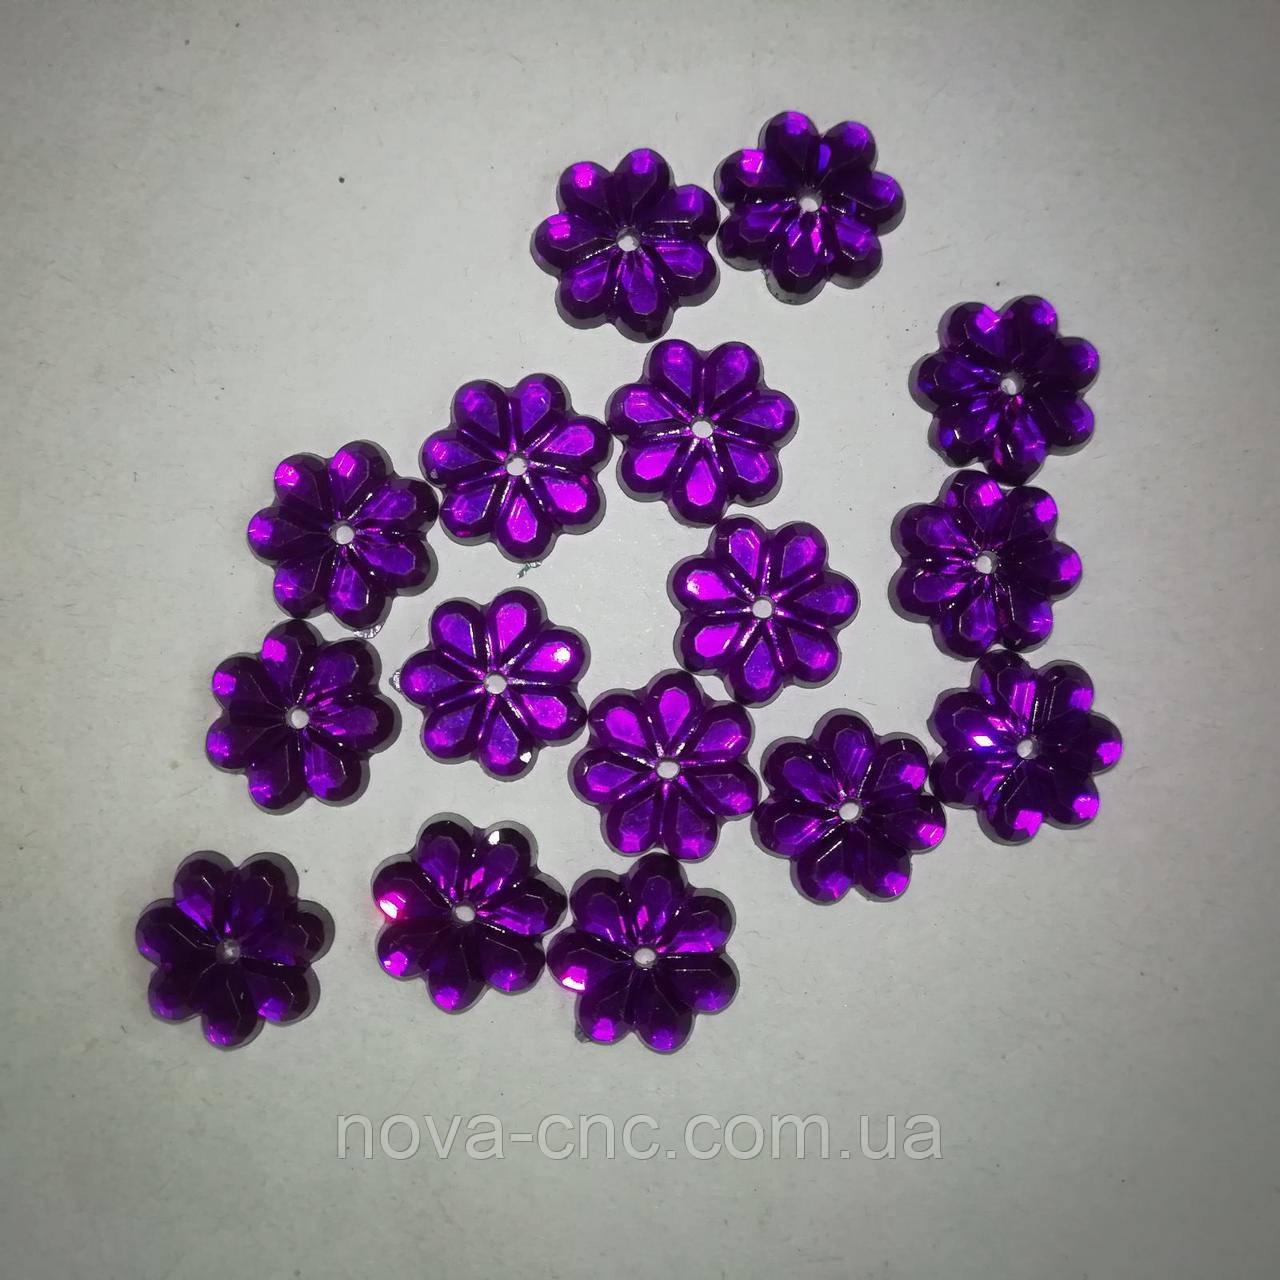 """Акриловые стразы """"Цветок"""" фиолетовый 10 мм 100 шт"""